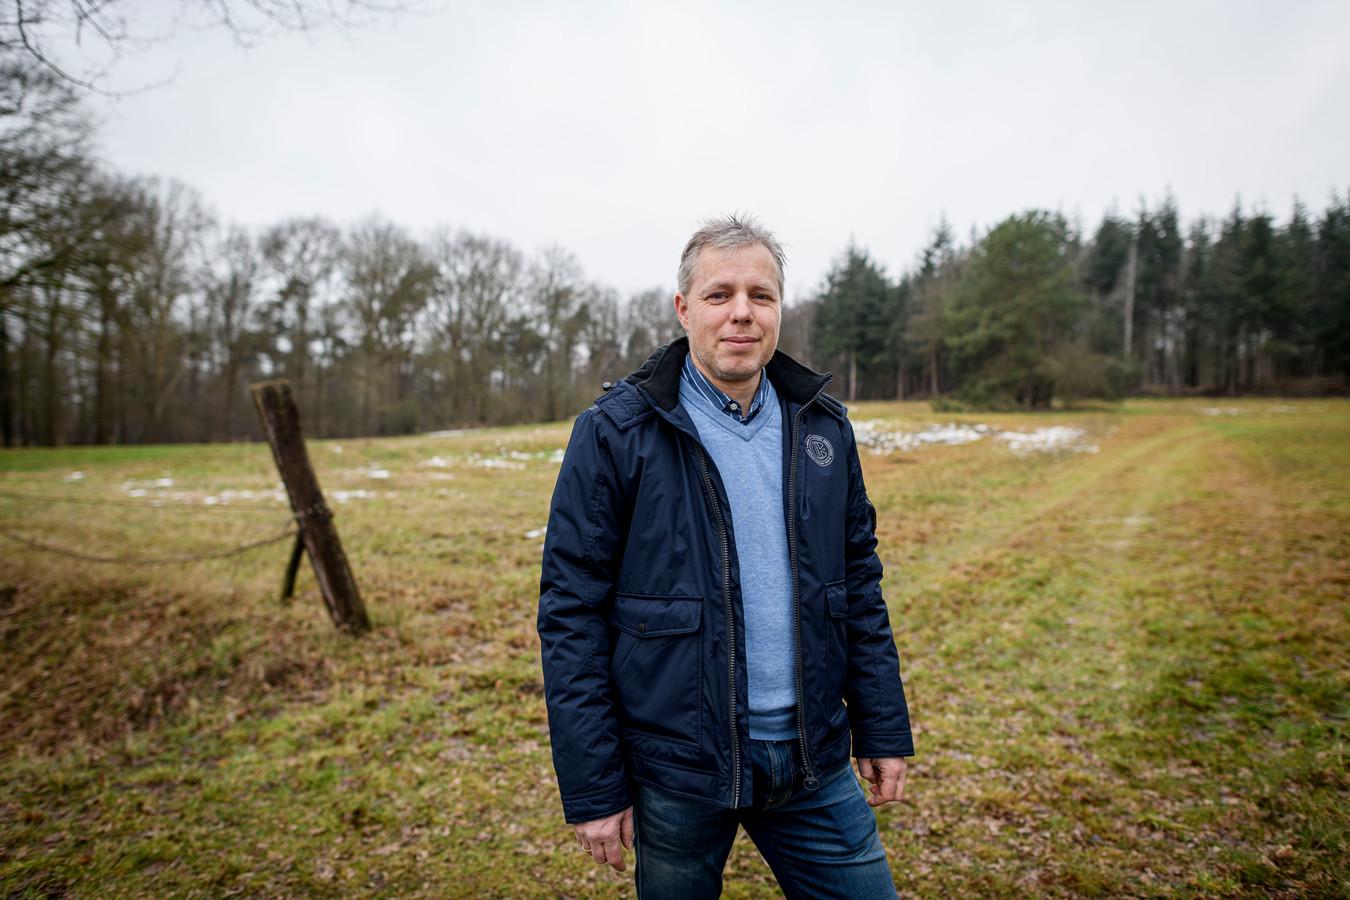 Pluimveehouder Bart Jan Oplaat is Ambassadeur Landbuw bij Code Oranje